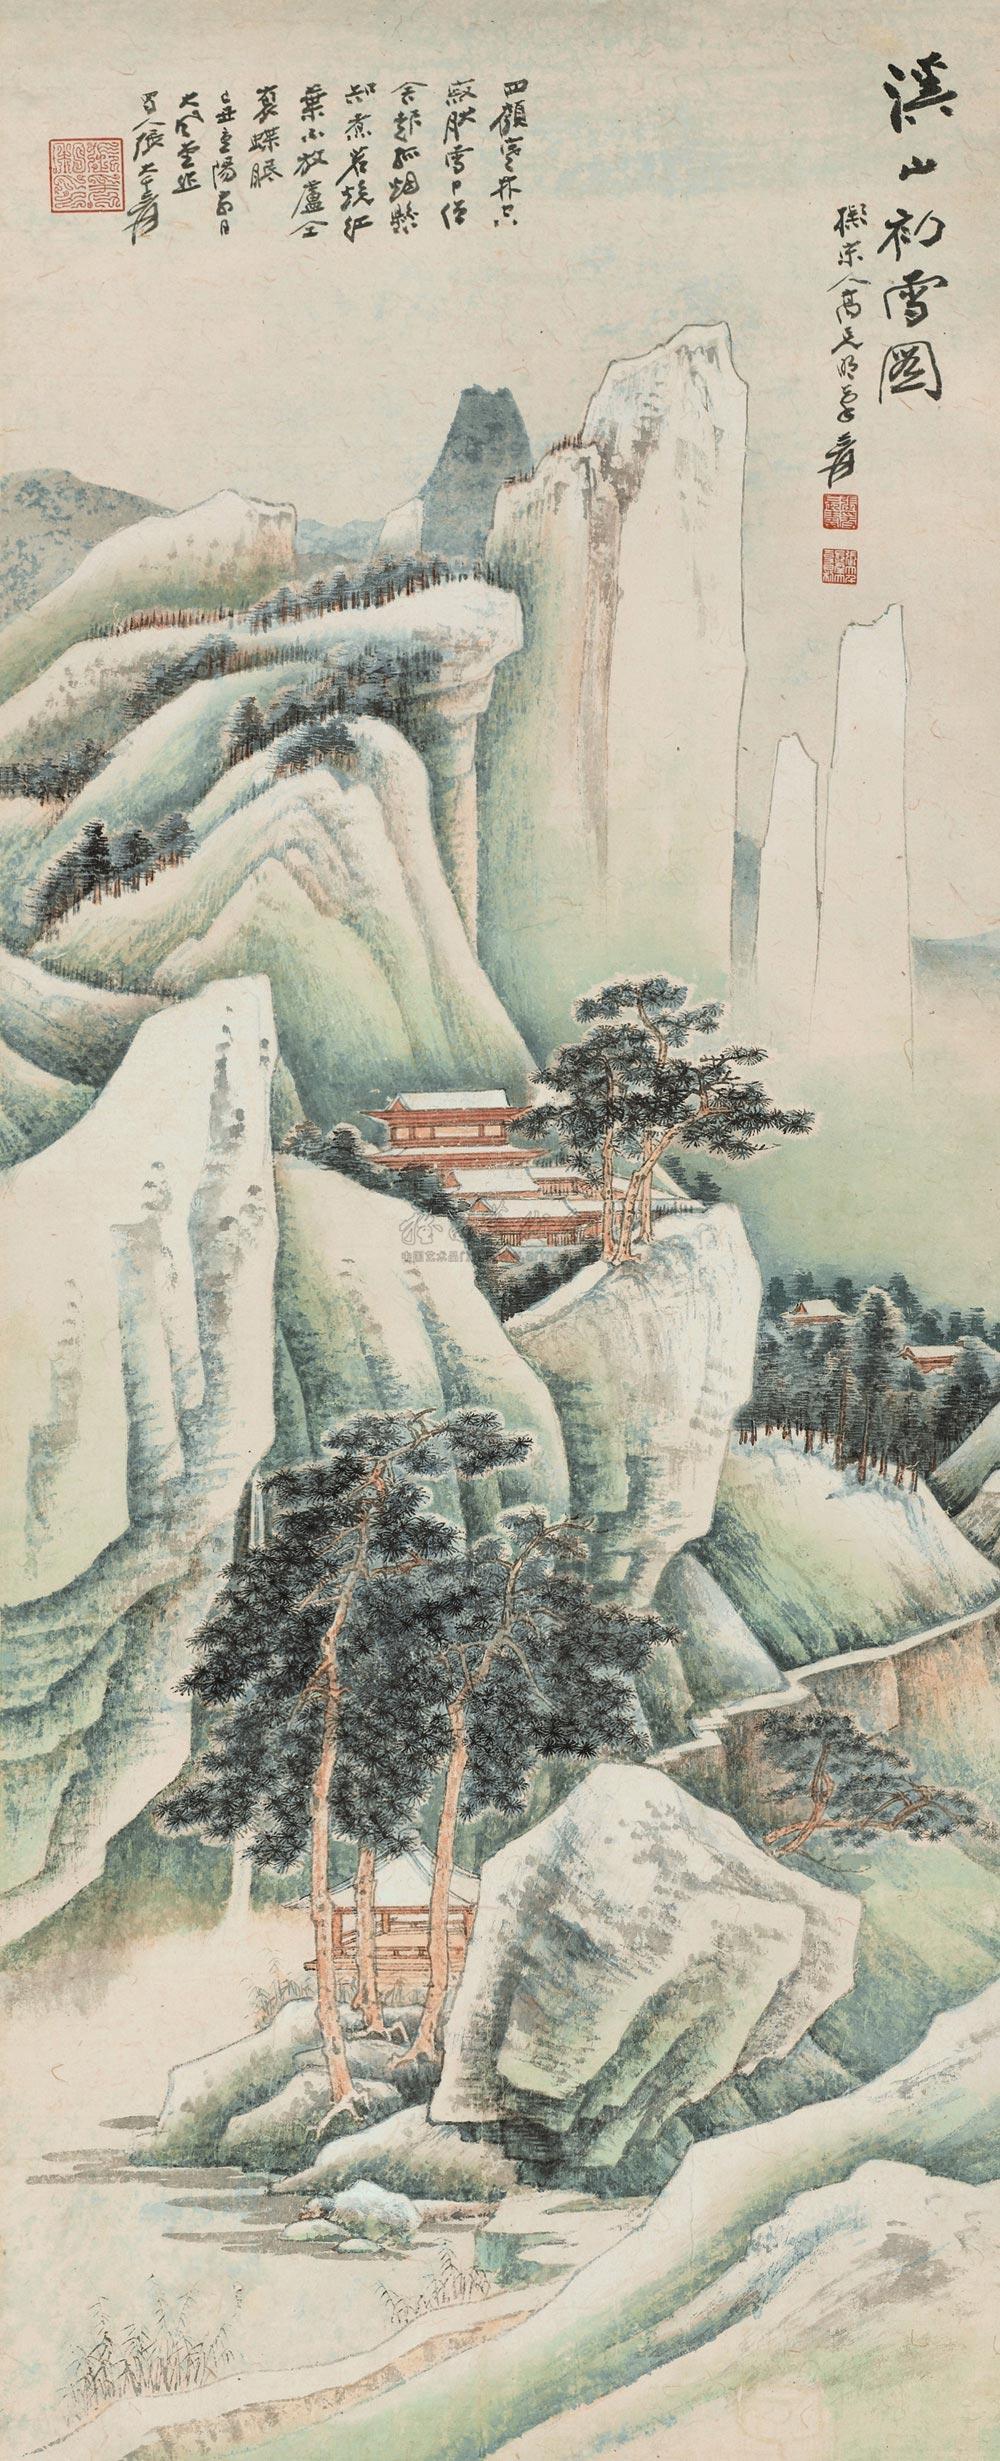 张大千山水画《溪山初雪图》(1)